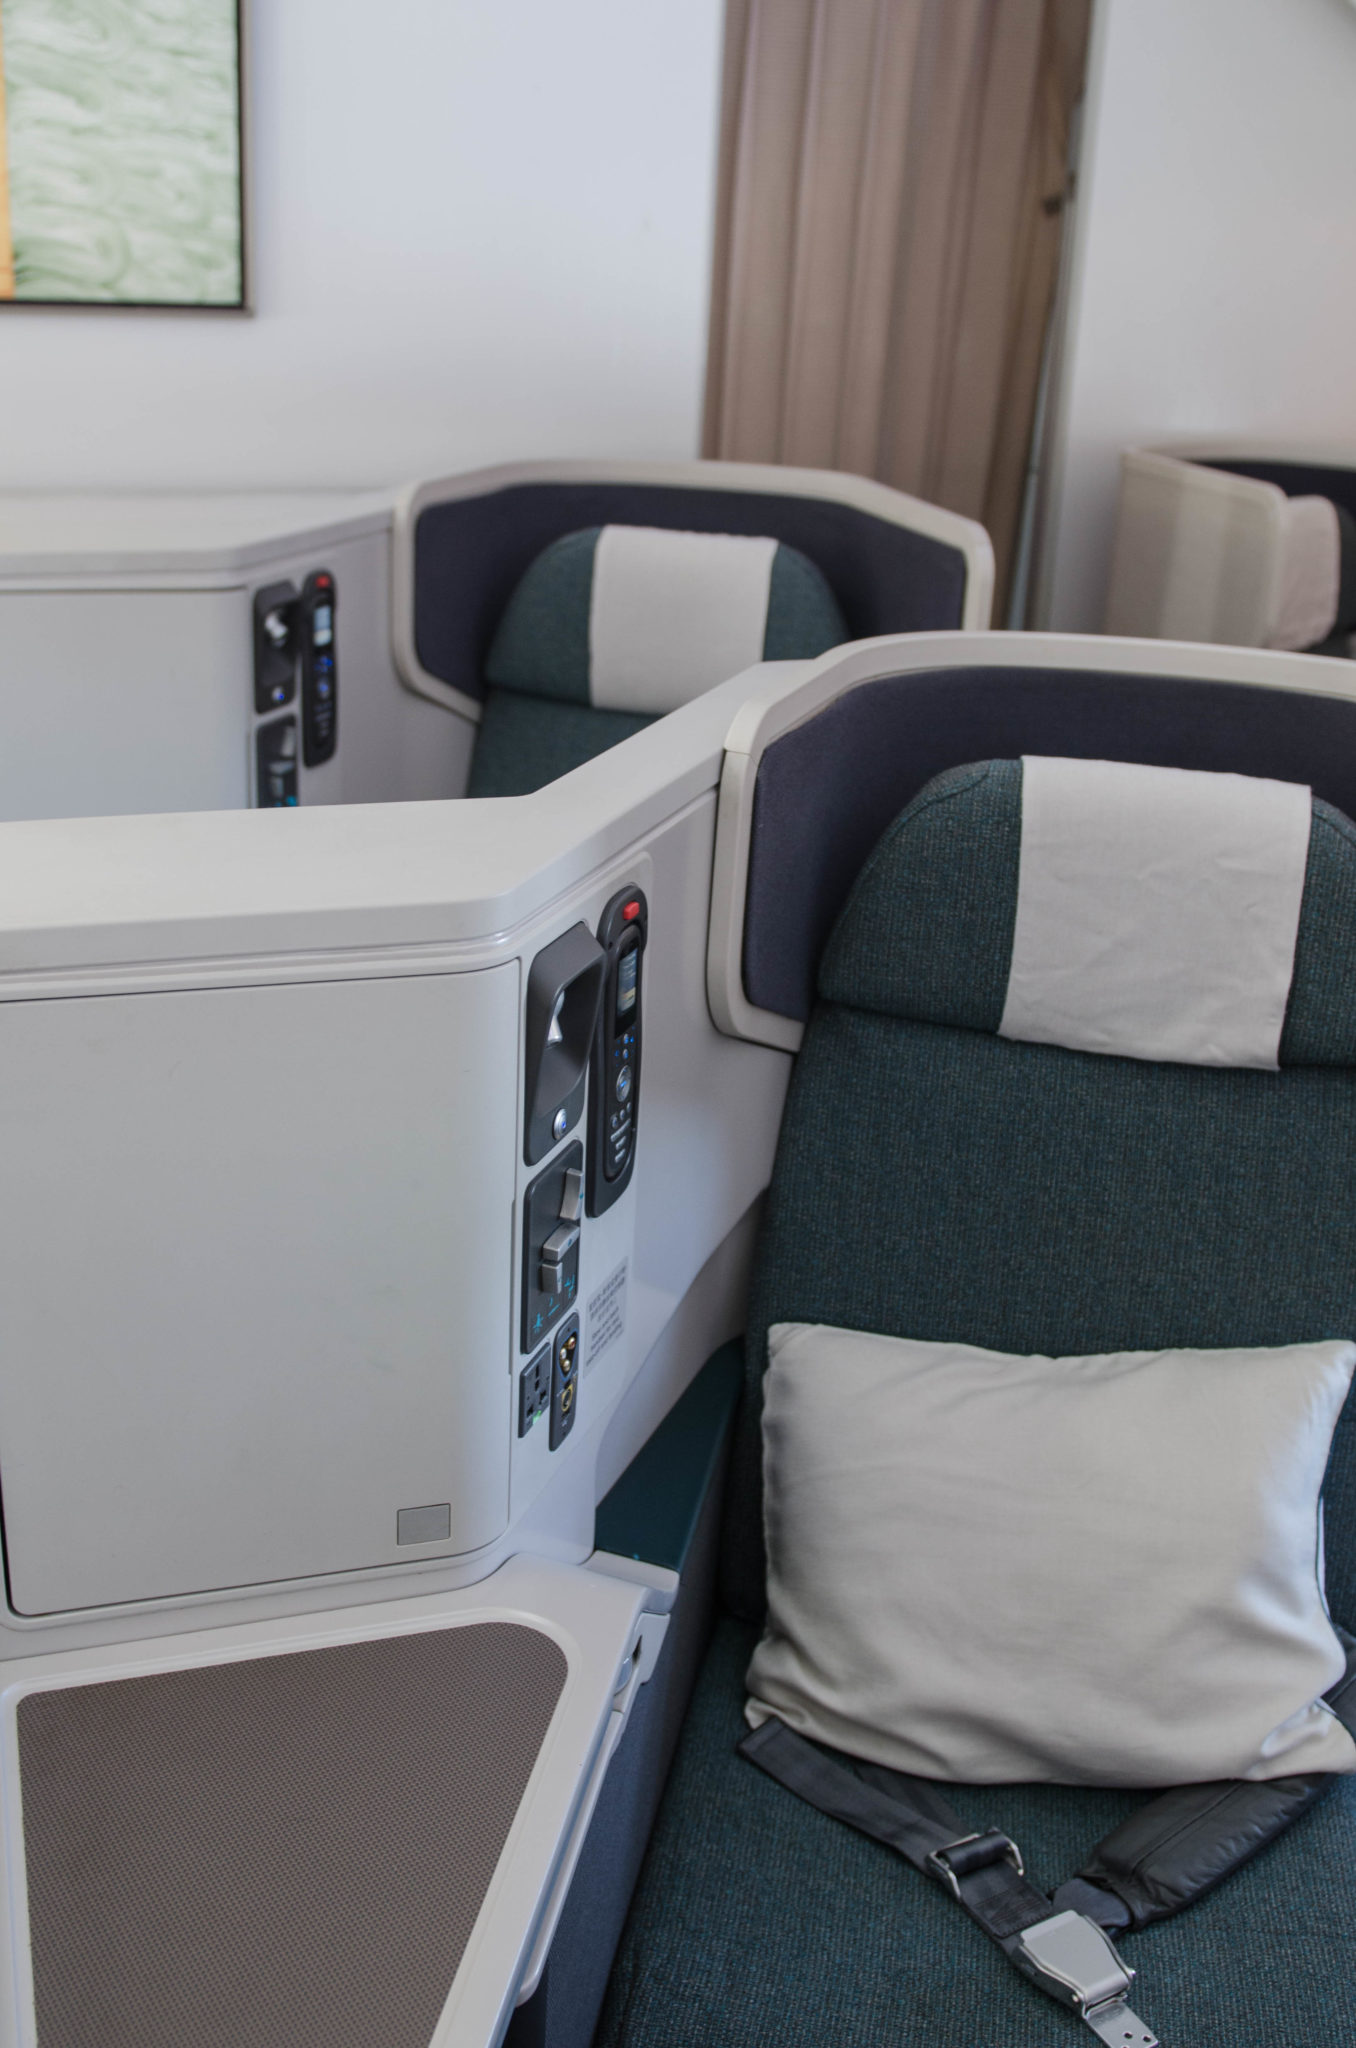 Die Kabine in der Cathay Pacific Business Class ist hell und geräumig.